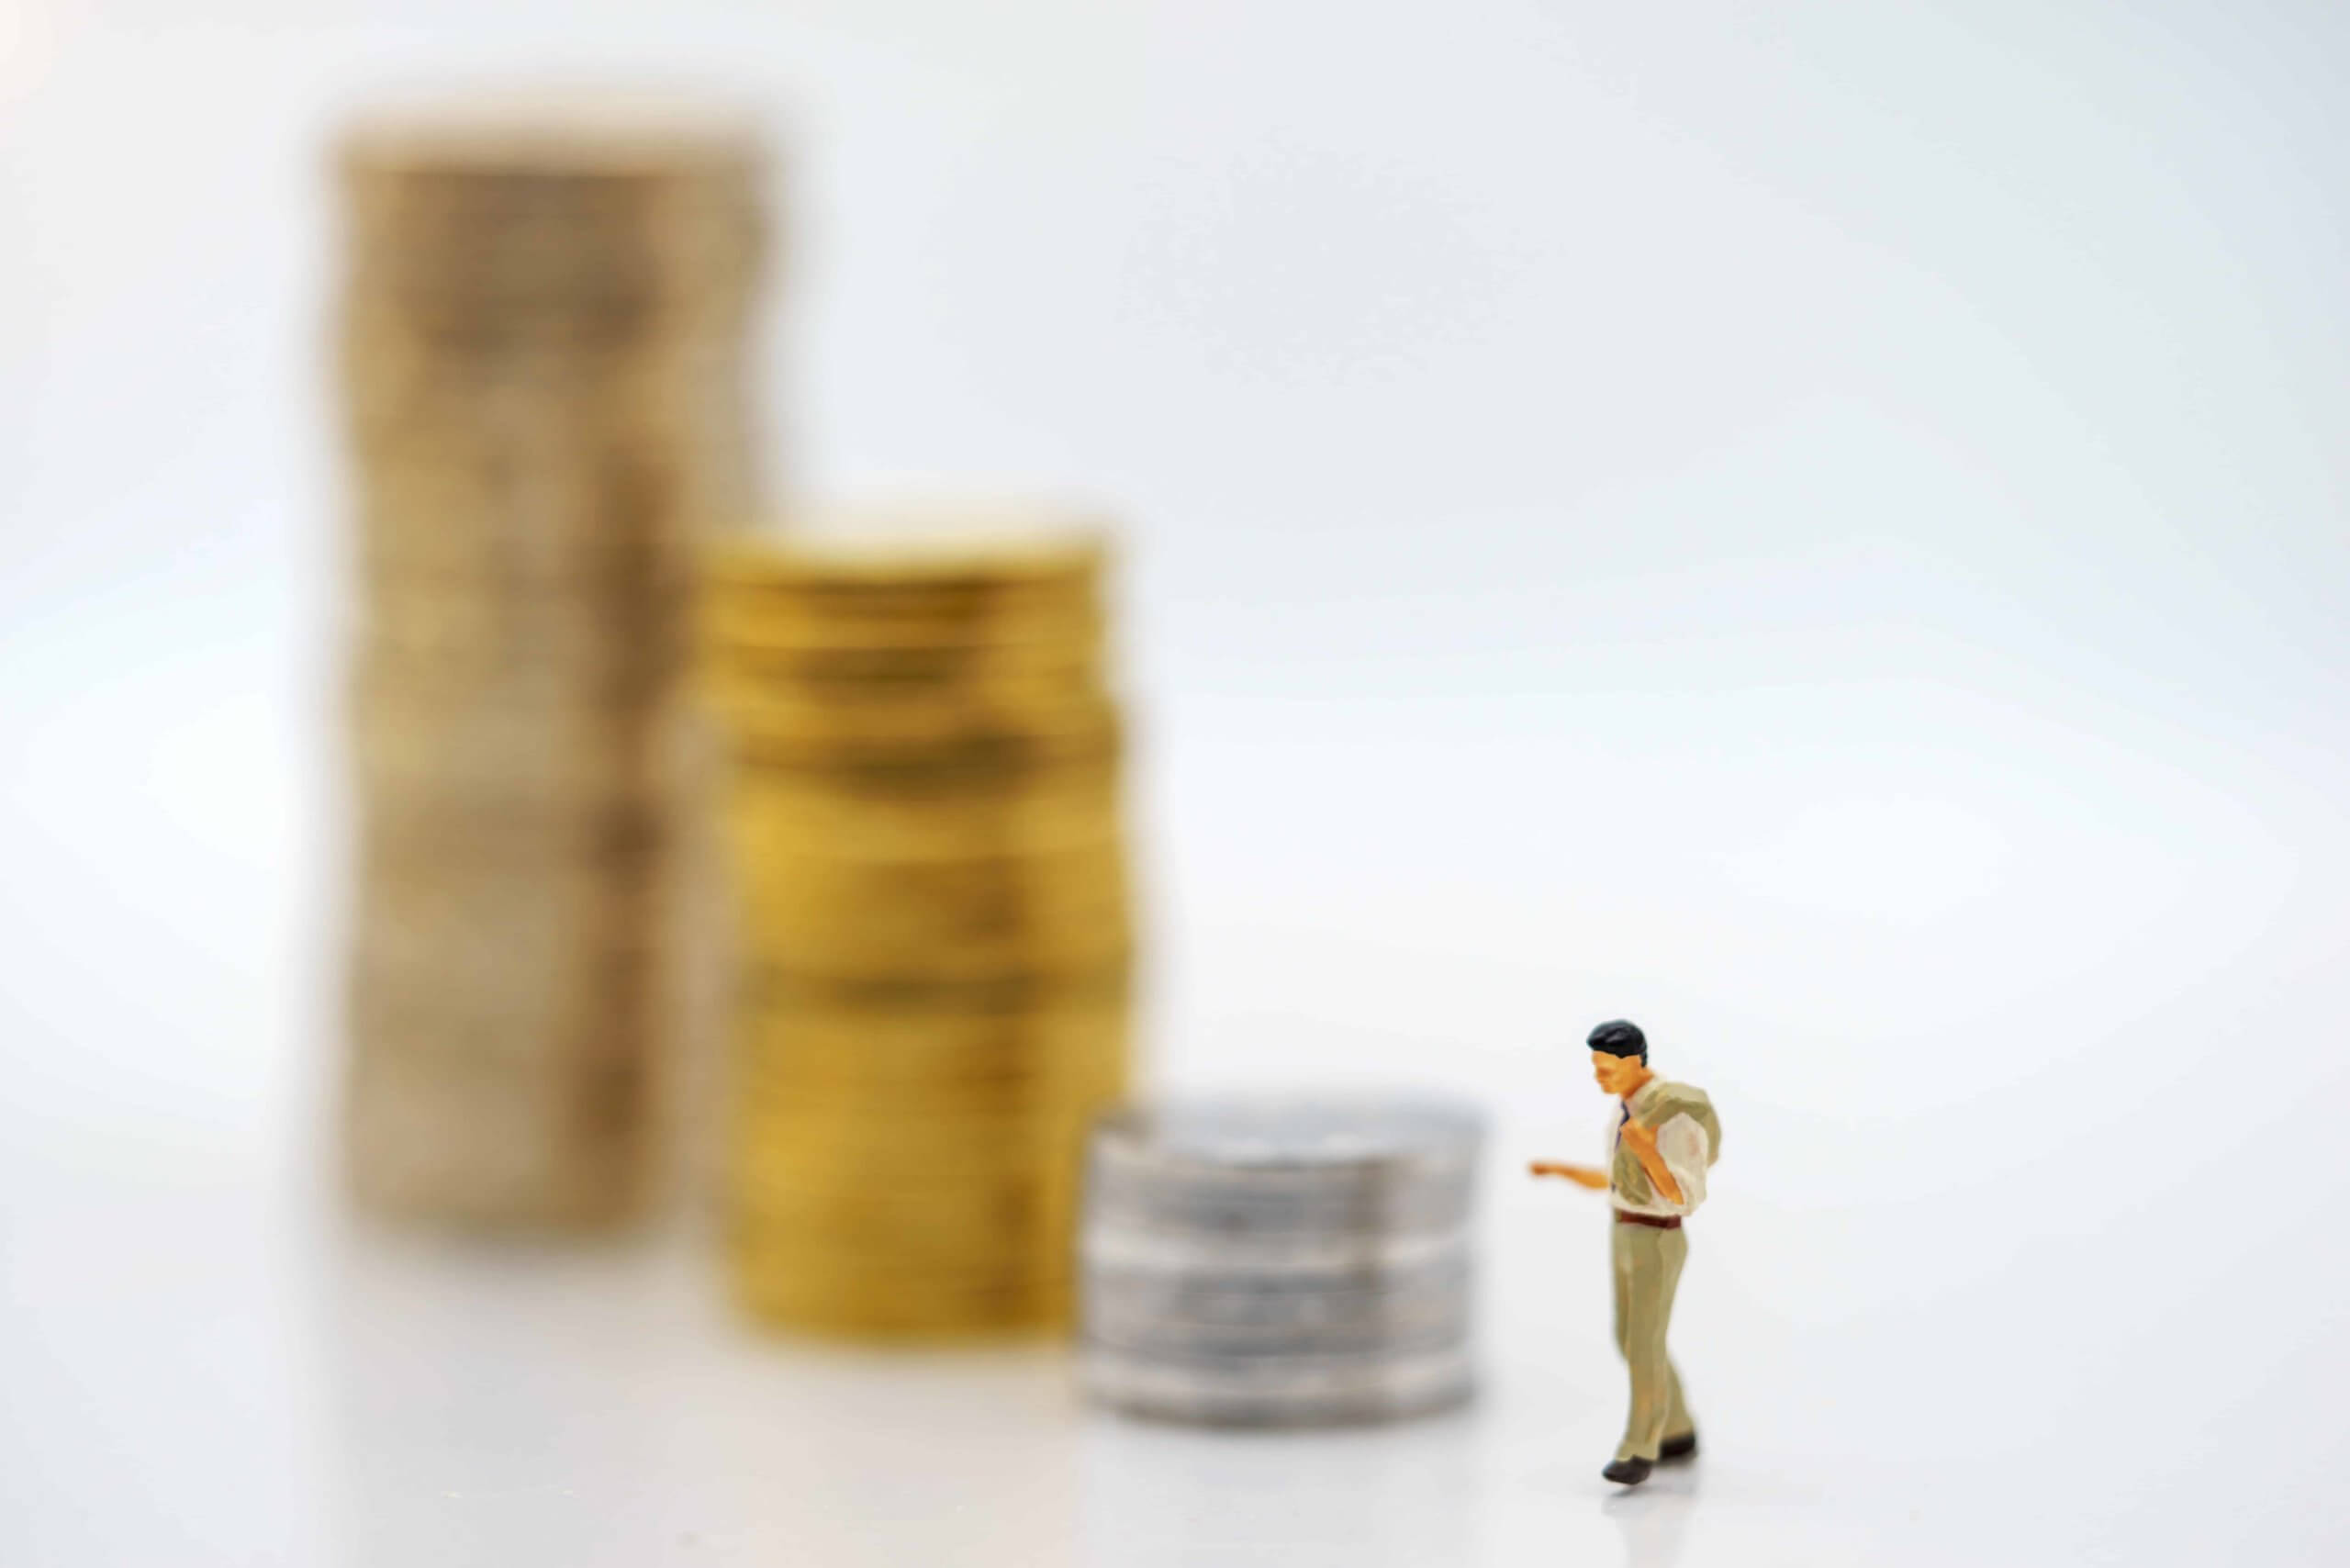 Empresas que utilizam Orçamento Base Zero: 5 cases de sucesso para se inspirar e implementar no seu negócio